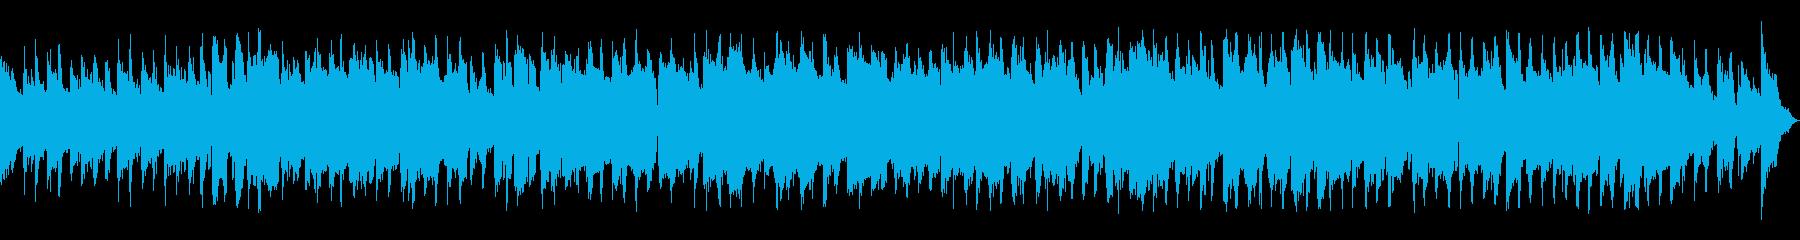 サックスがメインの日常系ジャズの再生済みの波形